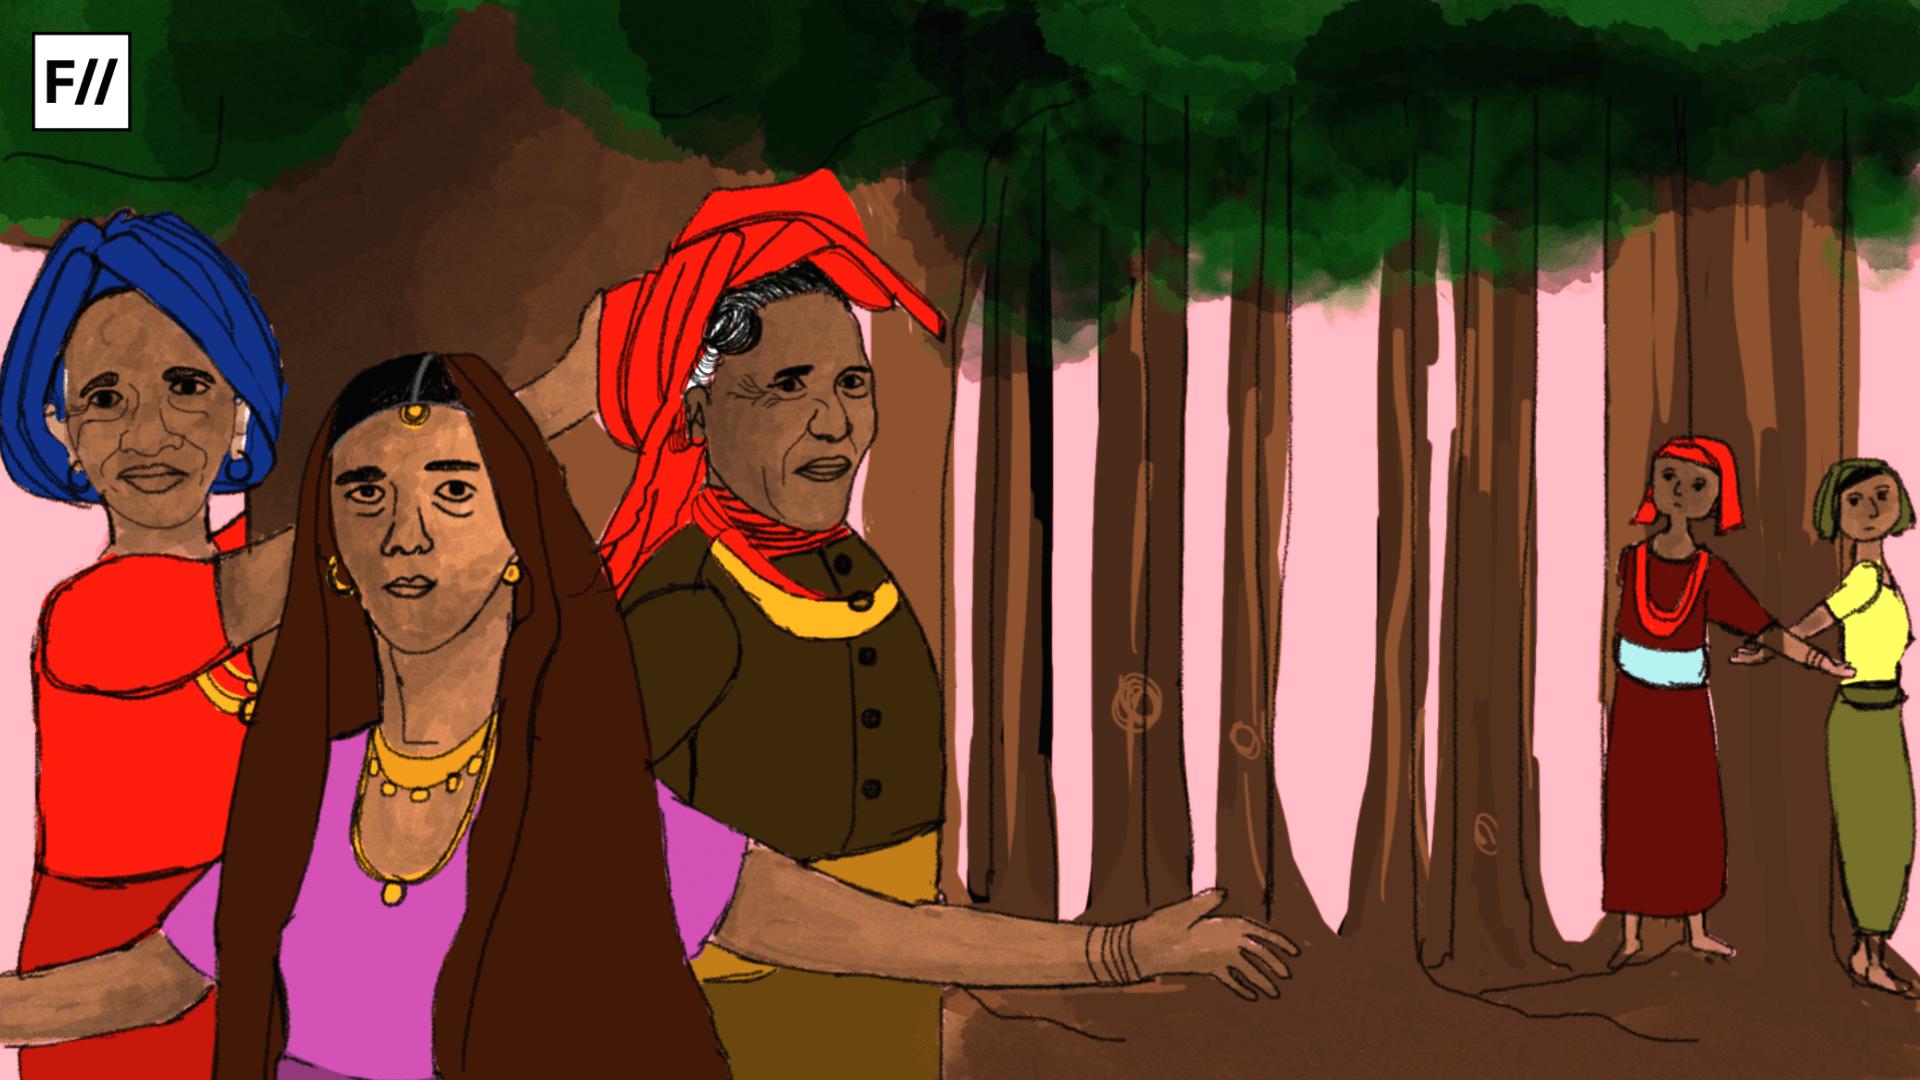 Remembering Chipko Movement: The Women-led Indigenous Struggle